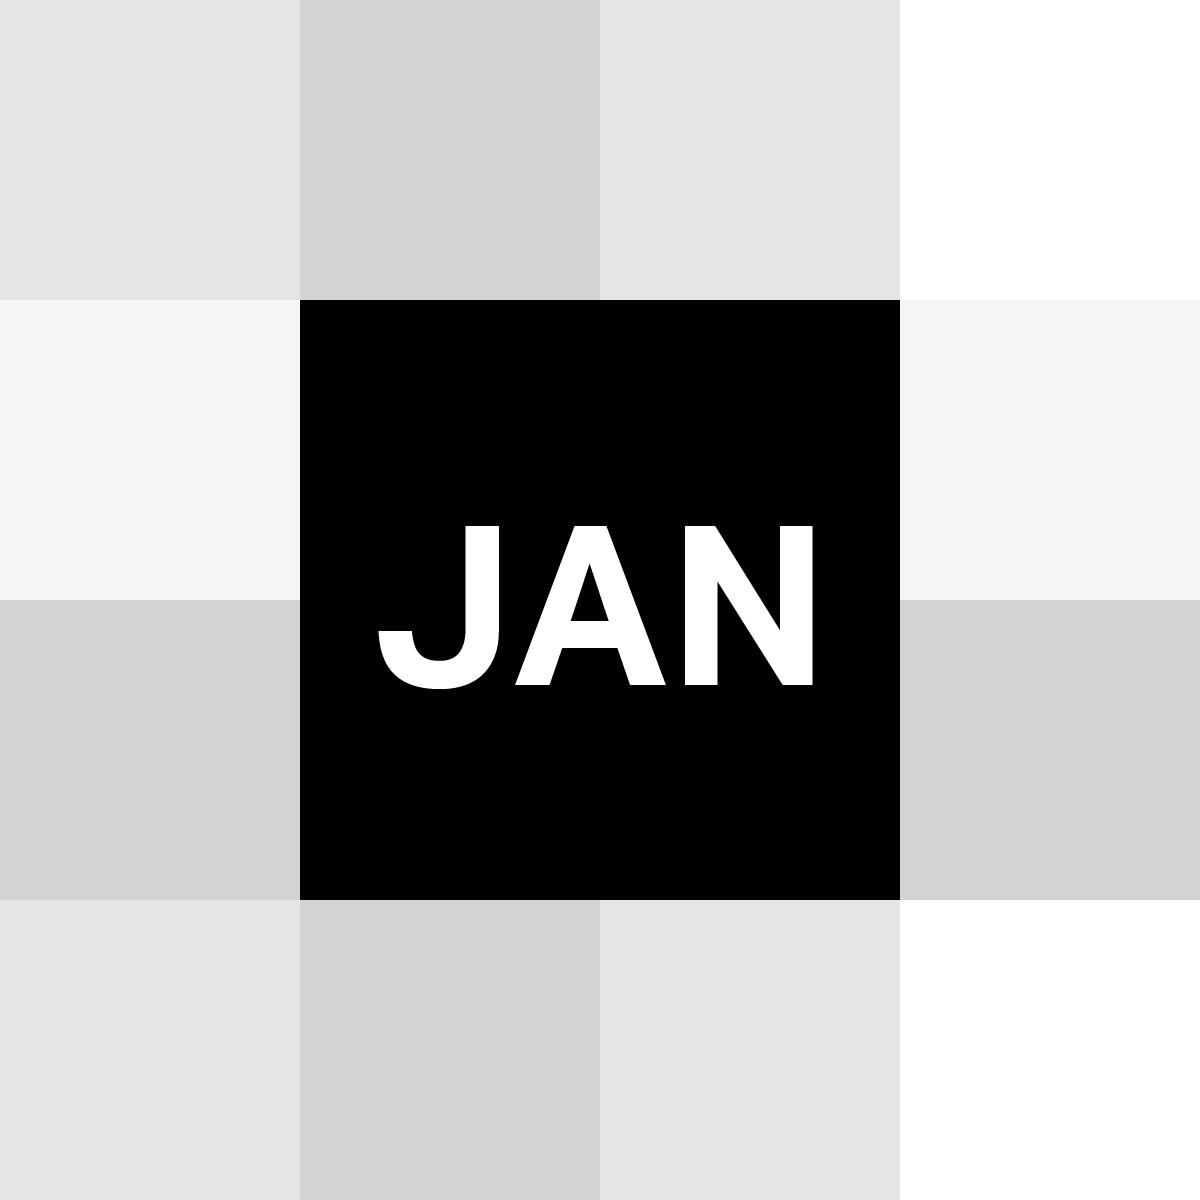 Calendário de Cursos em janeiro na 4ED escola de design